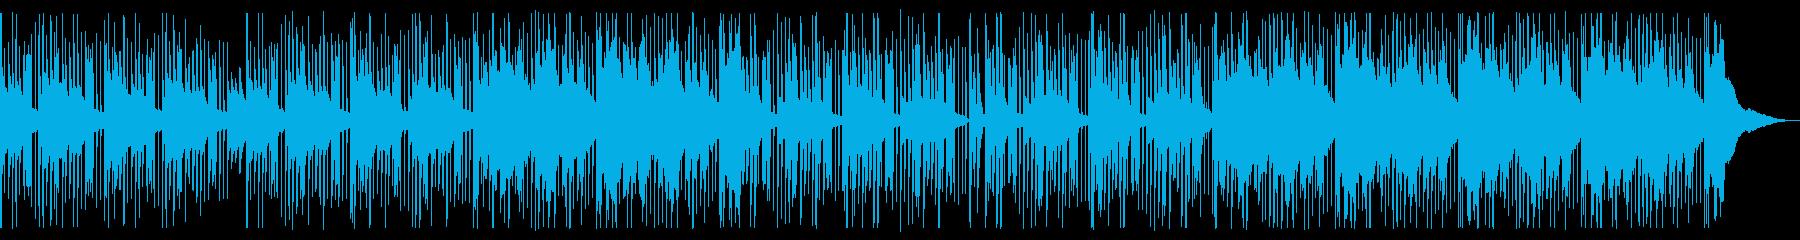 トラップ・不気味・ホラーの再生済みの波形